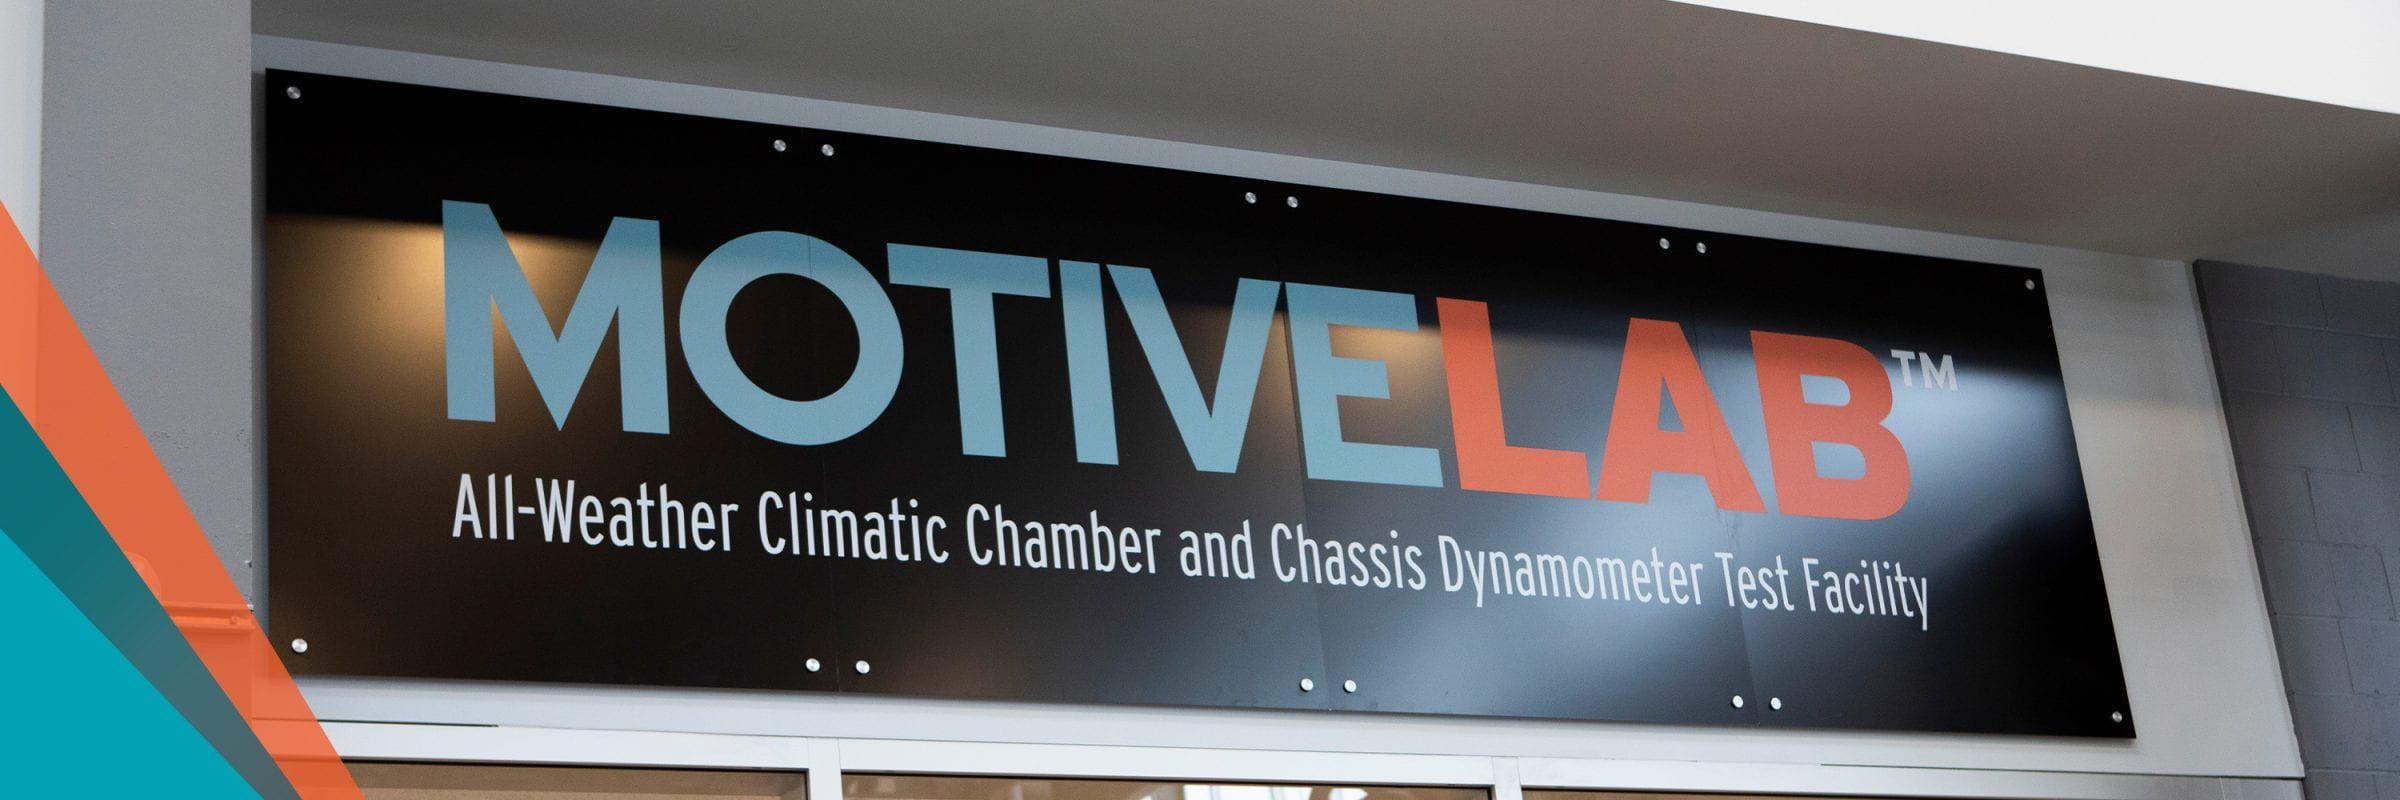 MotiveLab logo